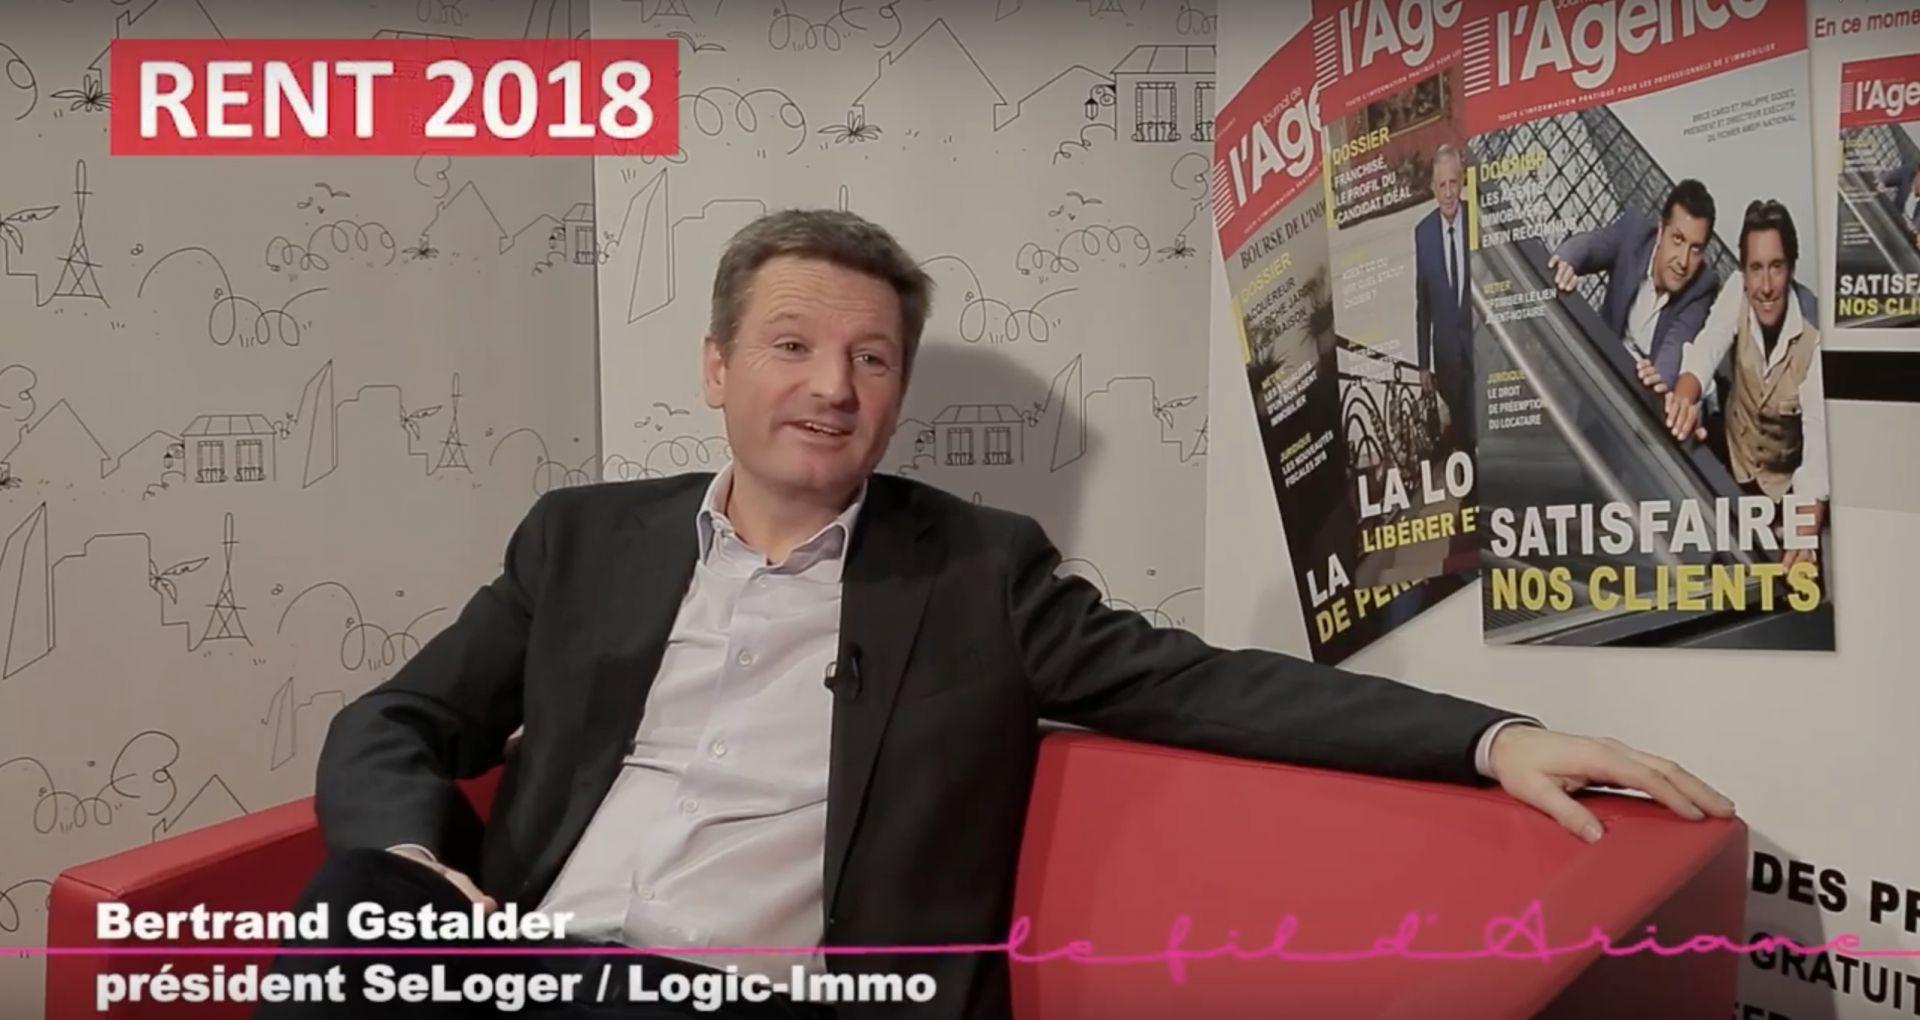 SeLoger développe la visite virtuelle, Logic Immo teste le push mobilité